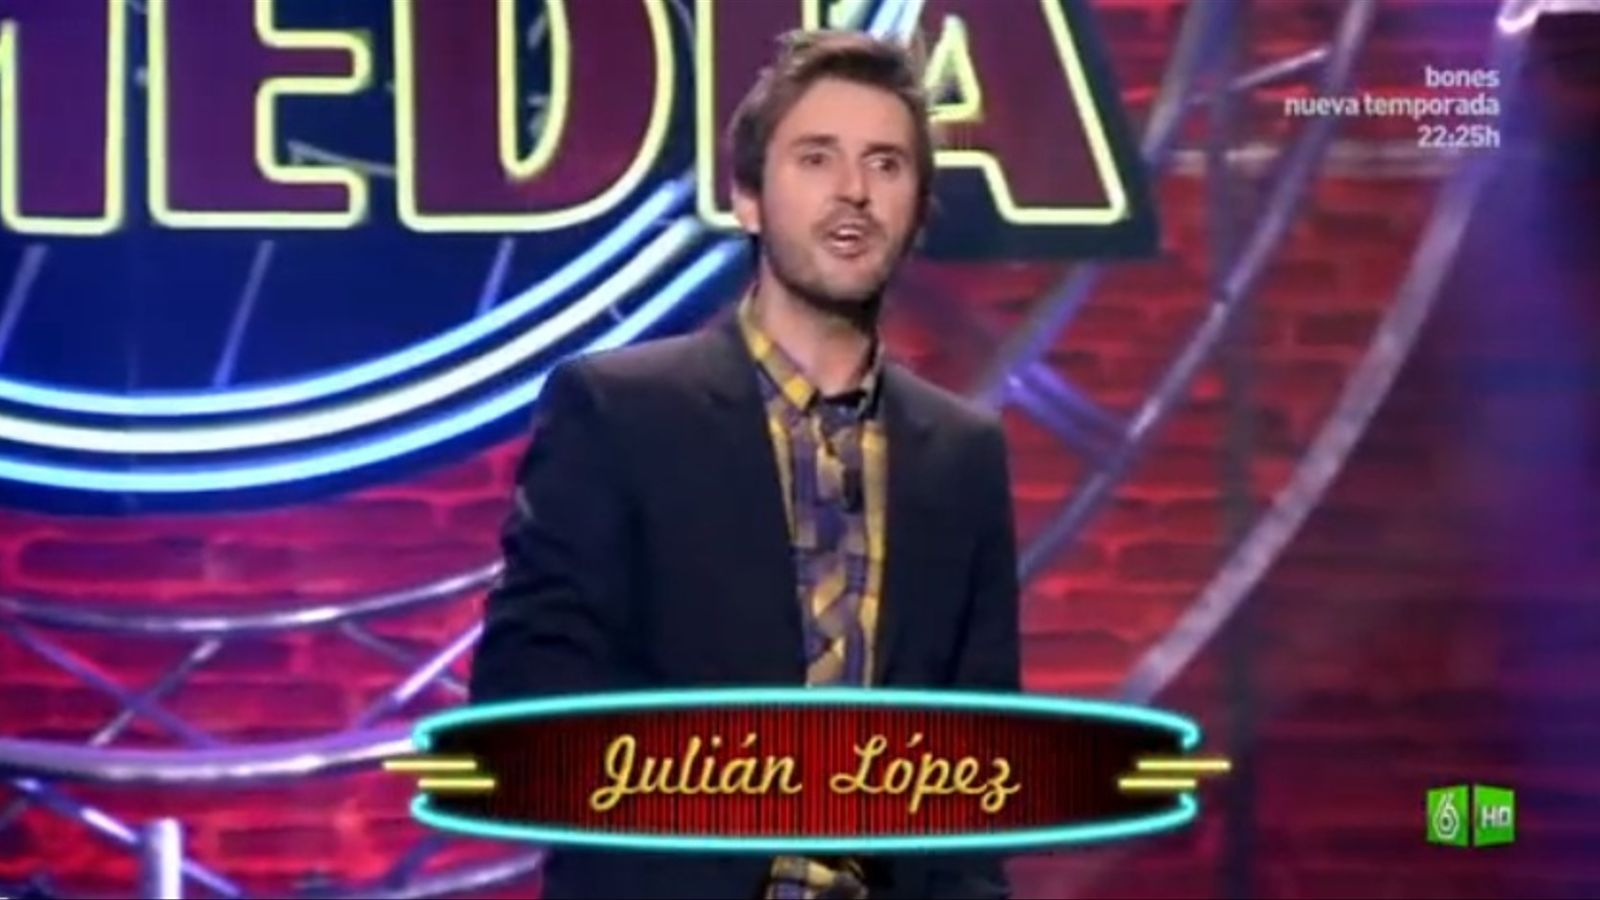 Julián López es burla dels xinesos en un monòleg d''El club de la comedia'